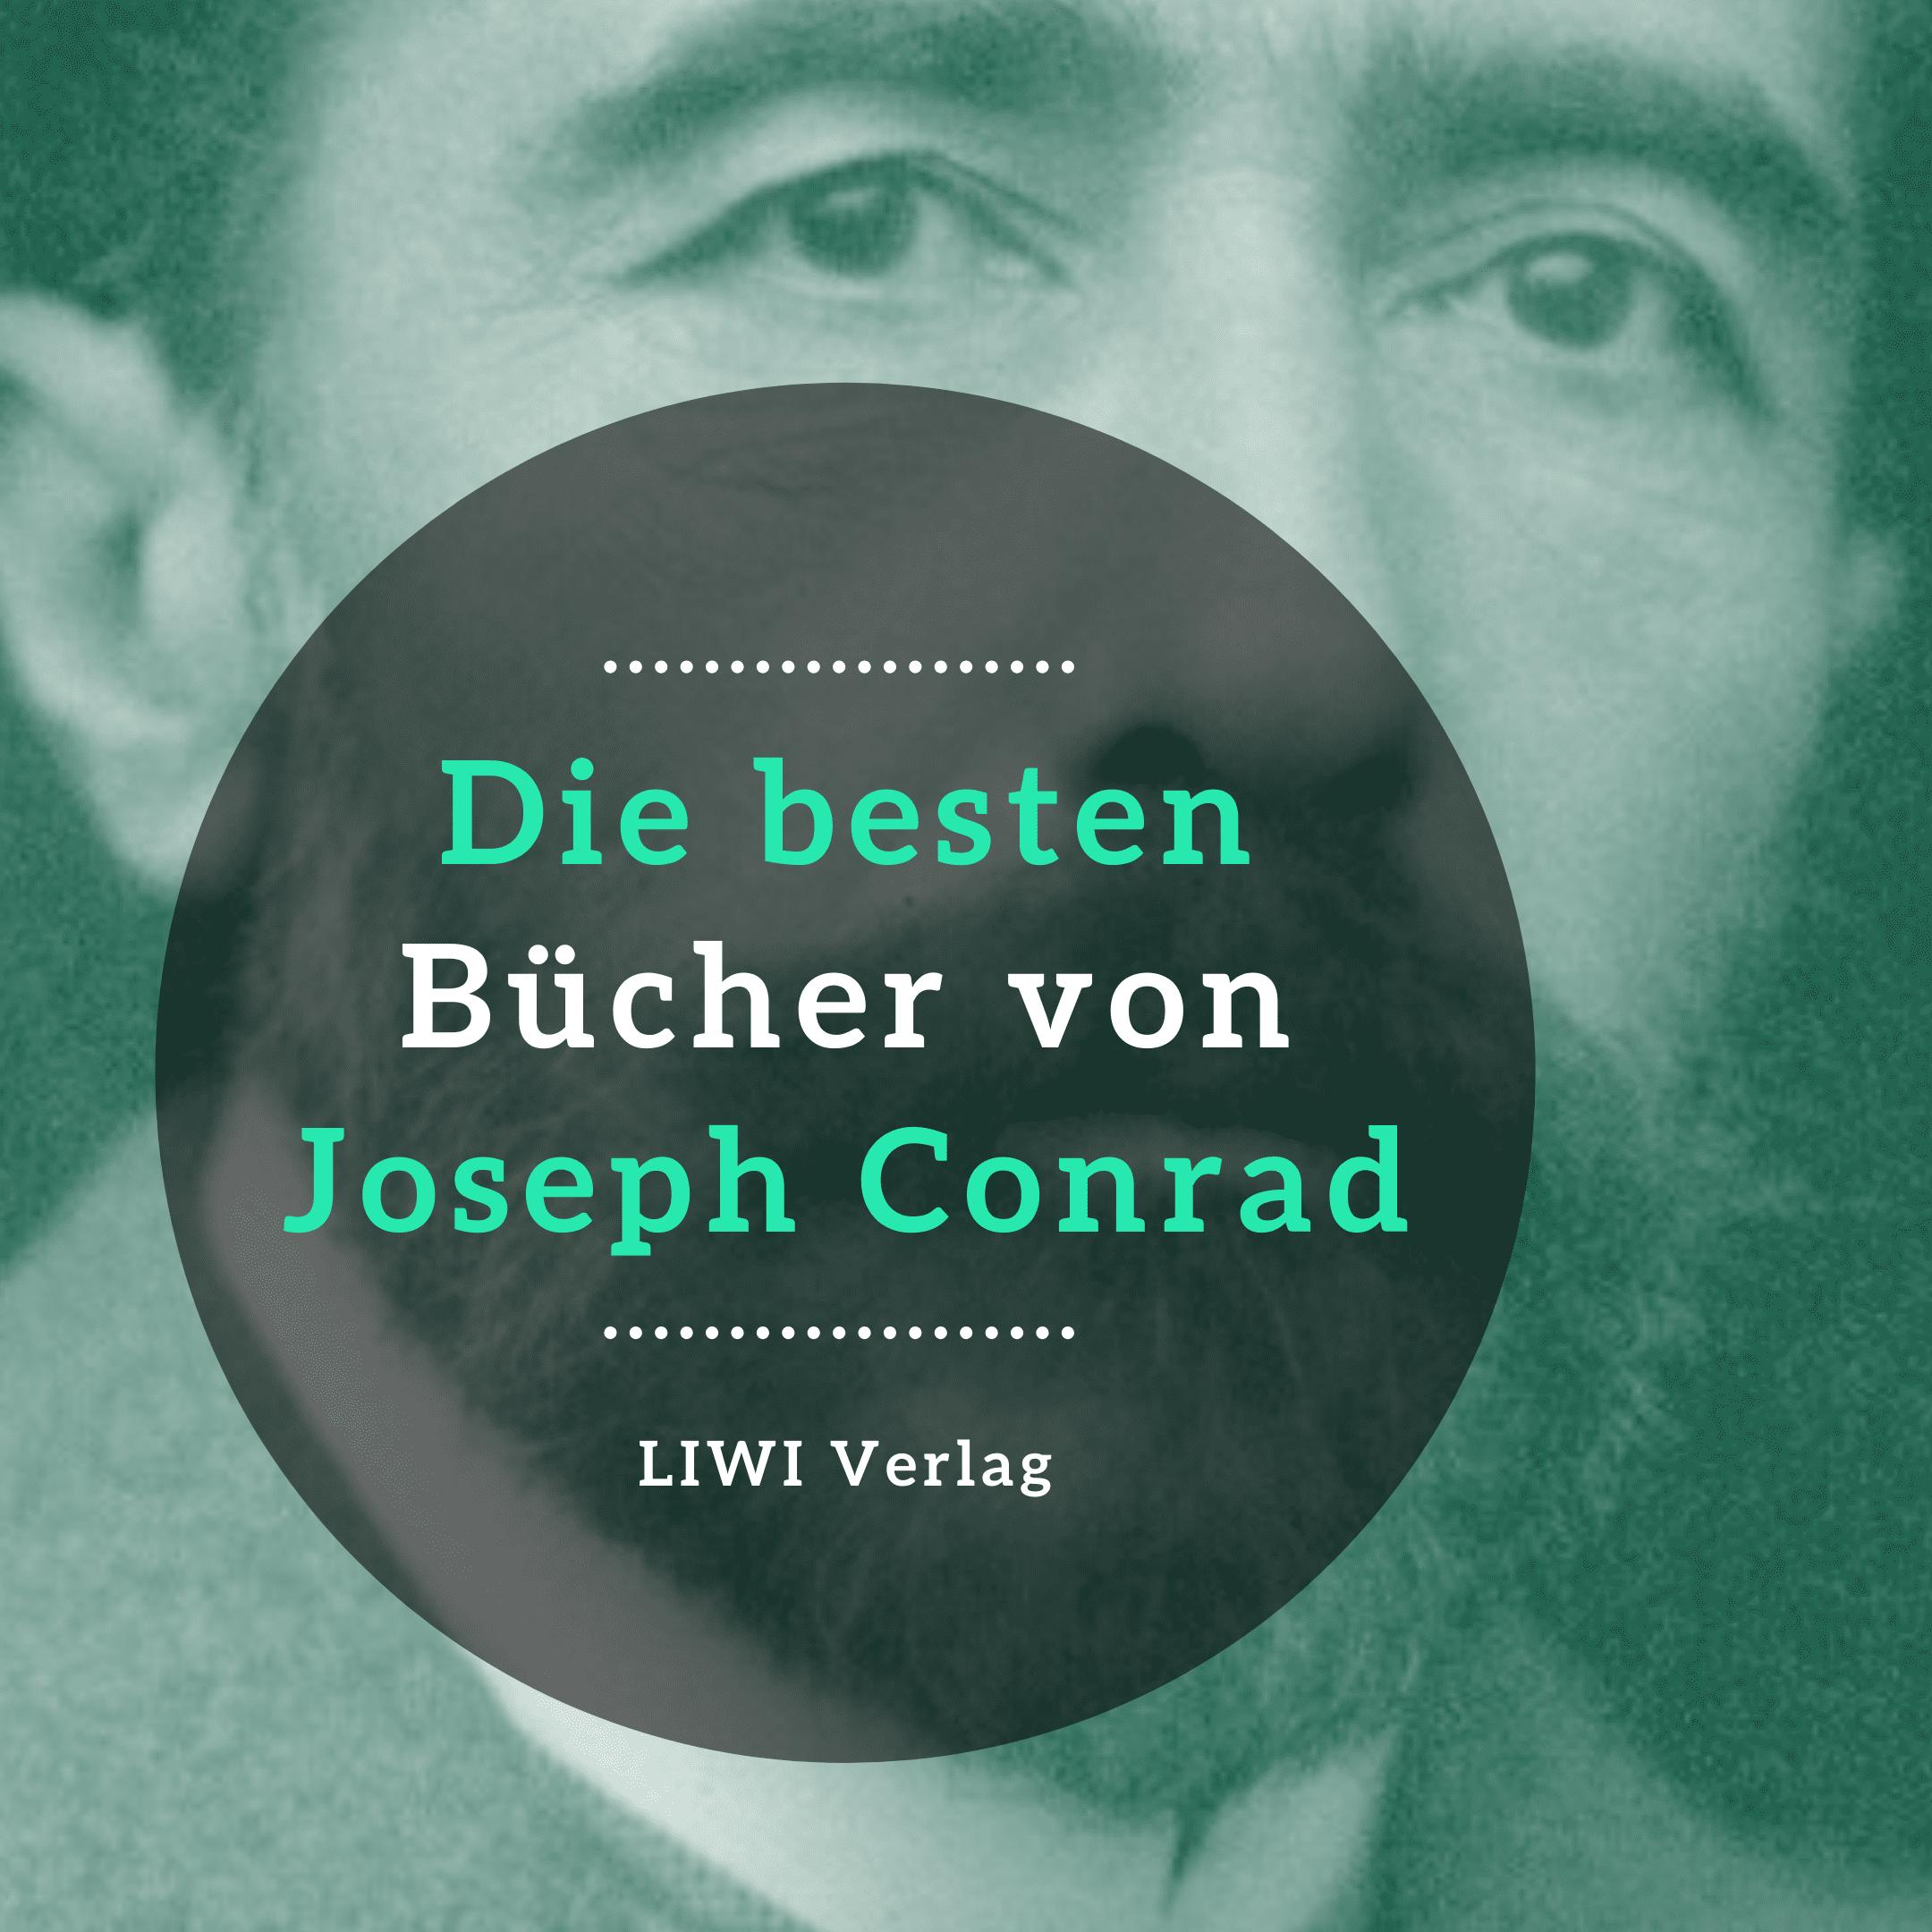 Die besten Bücher LIWI Verlag